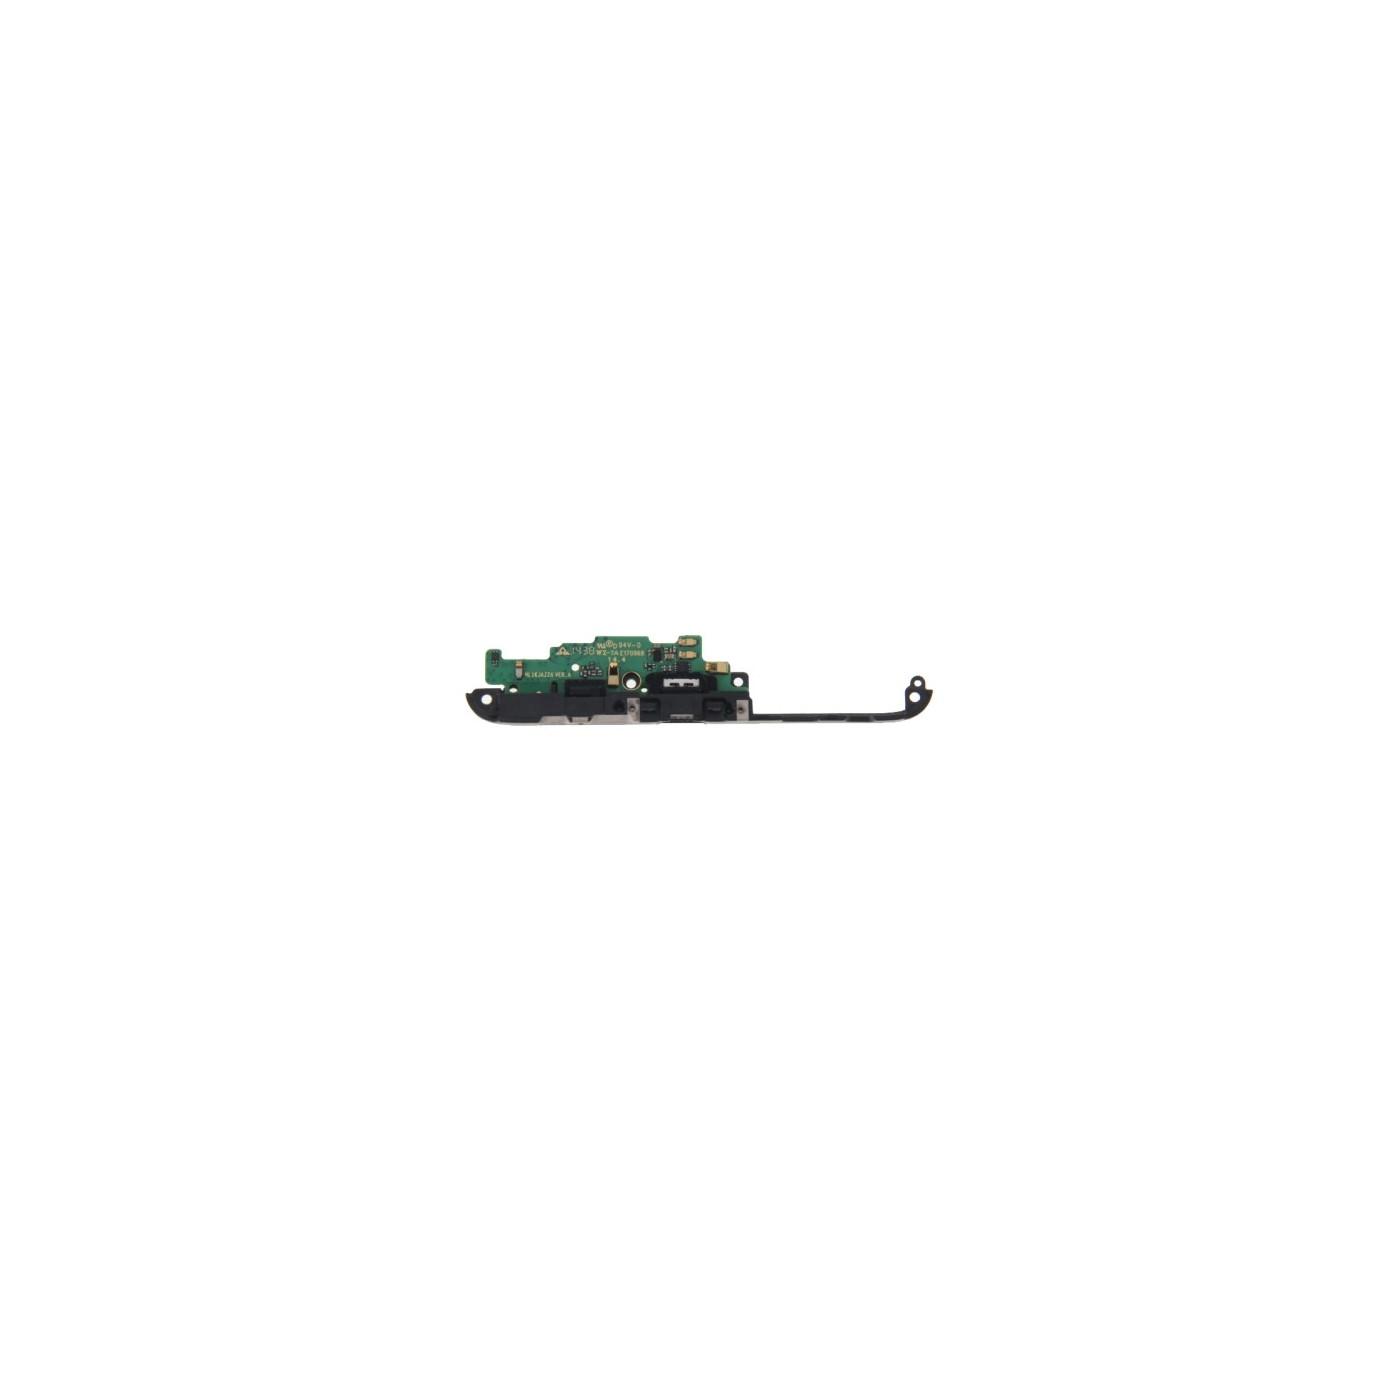 Conector plano flexible Carga de datos del puerto de carga Huawei Ascend Mate 7